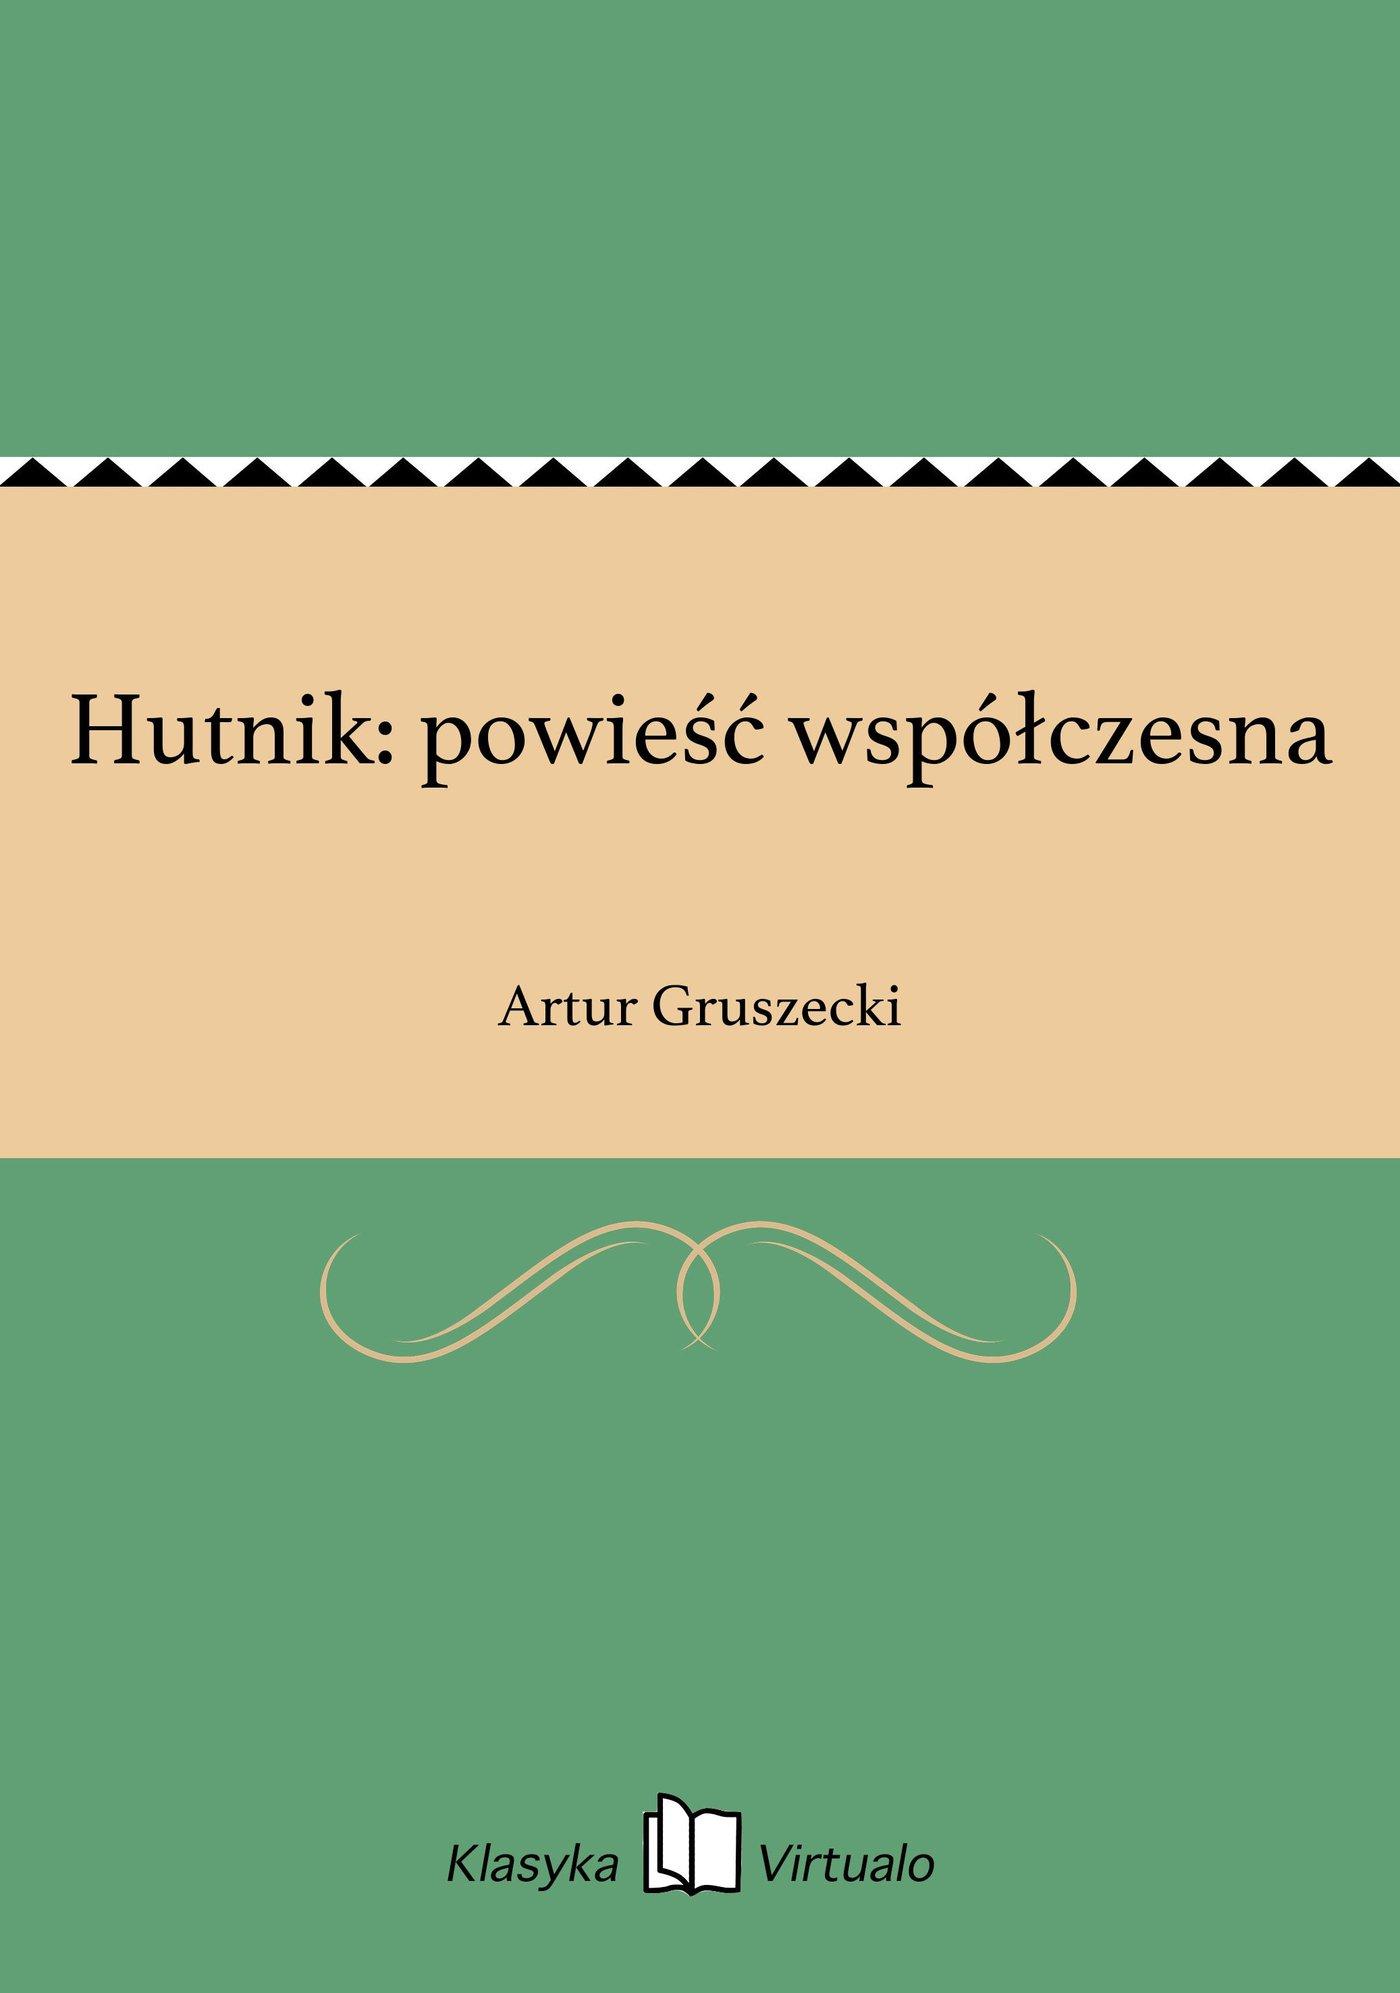 Hutnik: powieść współczesna - Ebook (Książka EPUB) do pobrania w formacie EPUB